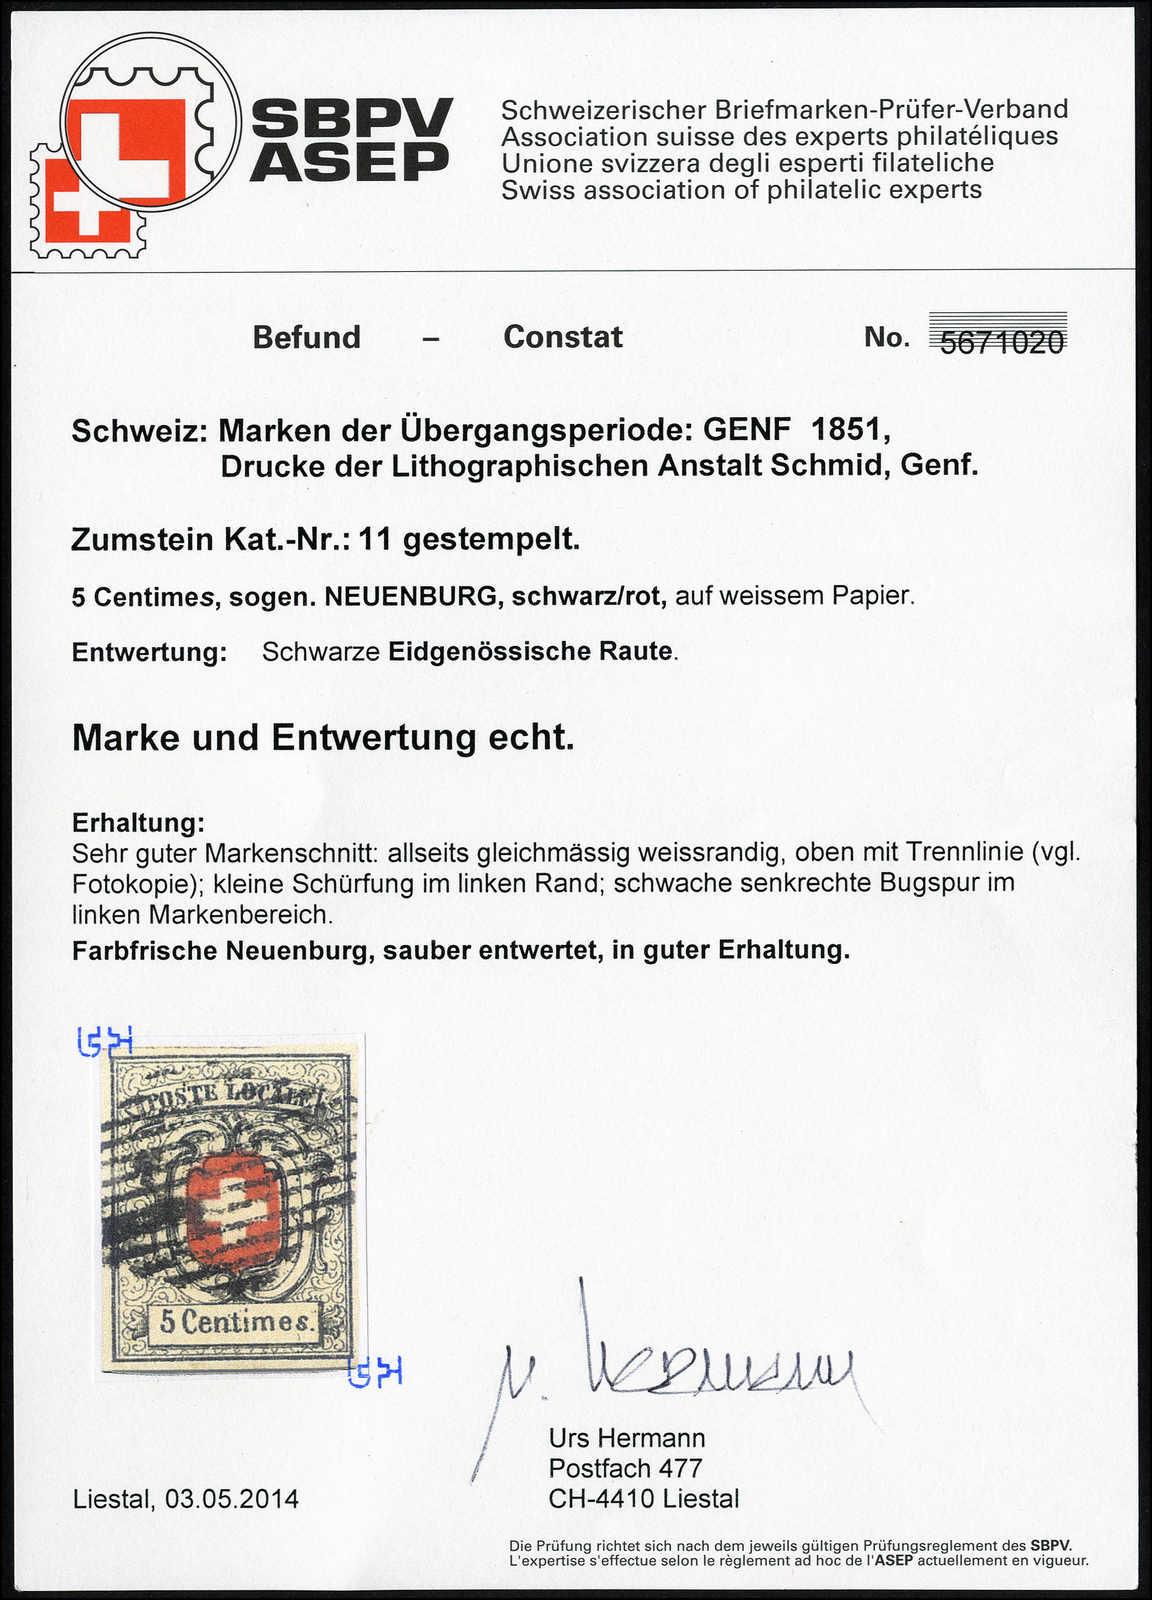 Lot 5 - sammlungen und posten sammlungen und posten altschweiz -  Rolli Auctions Auction #68 Day 1